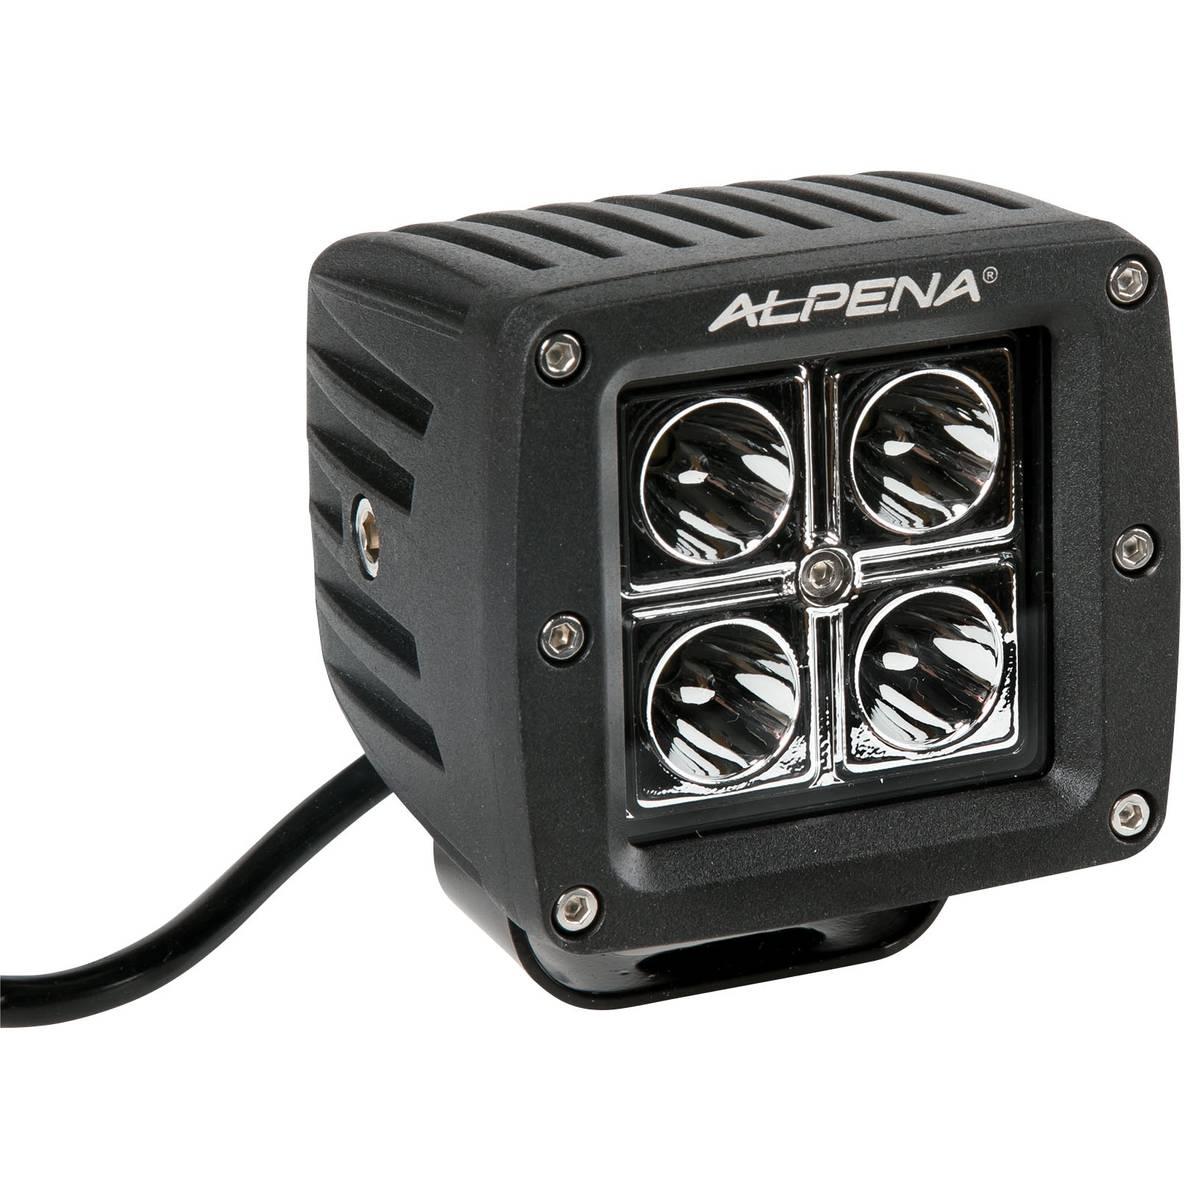 Erfreut Alpena Led Lights Installation Bilder - Schaltplan Serie ...